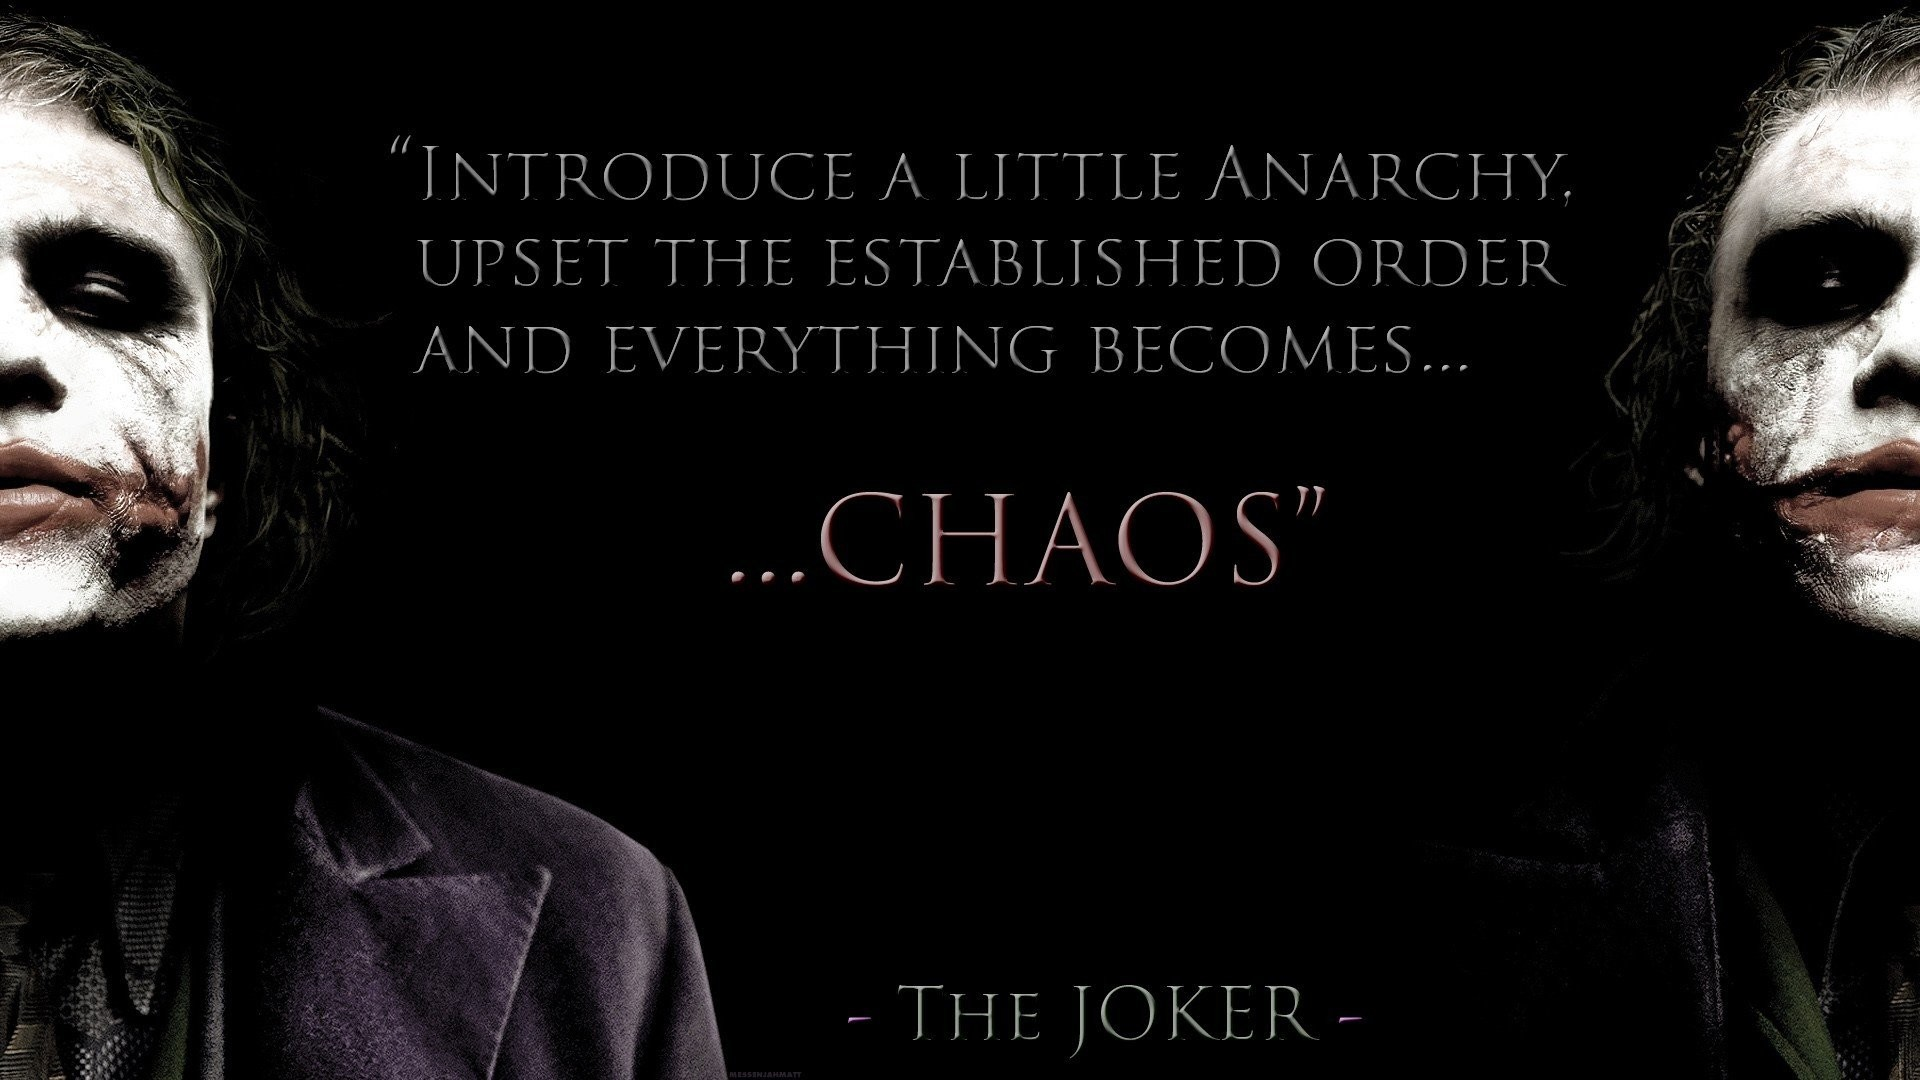 Joker Quotes Dark Knight 890562